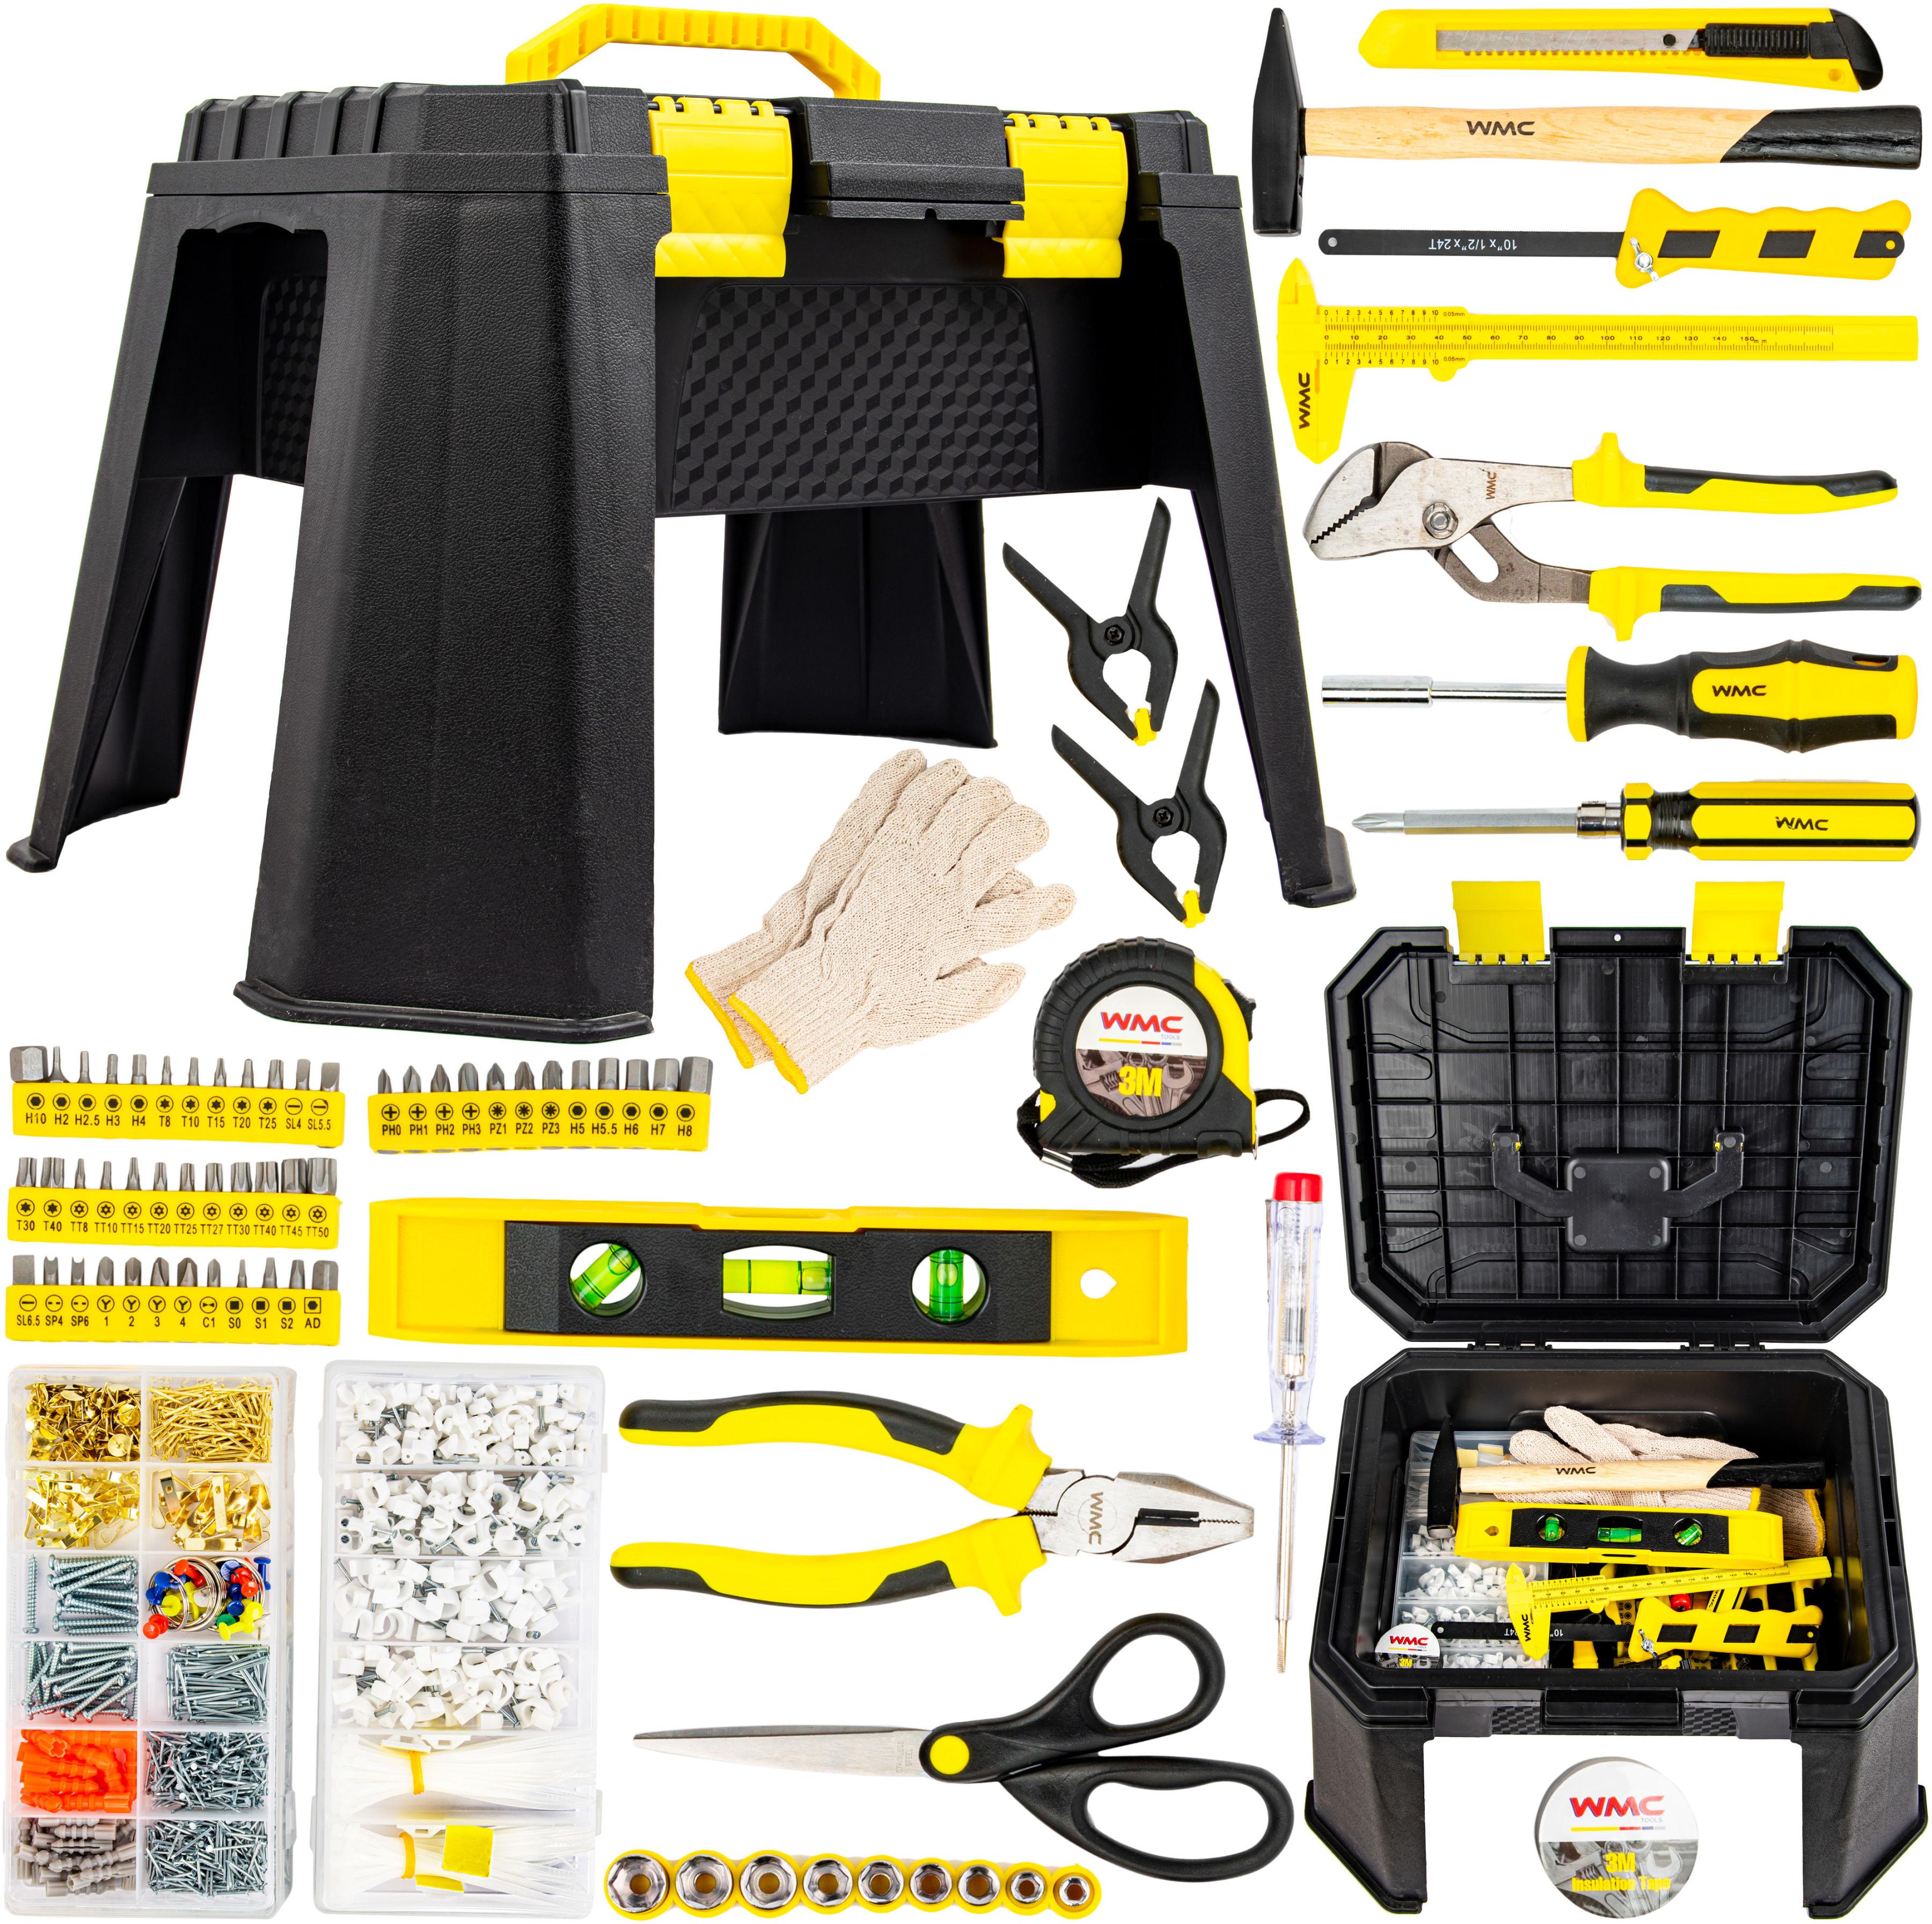 Zestaw narzędziowy 1200 elementów + stołek udźwig 150 kg TRADE HOUSE